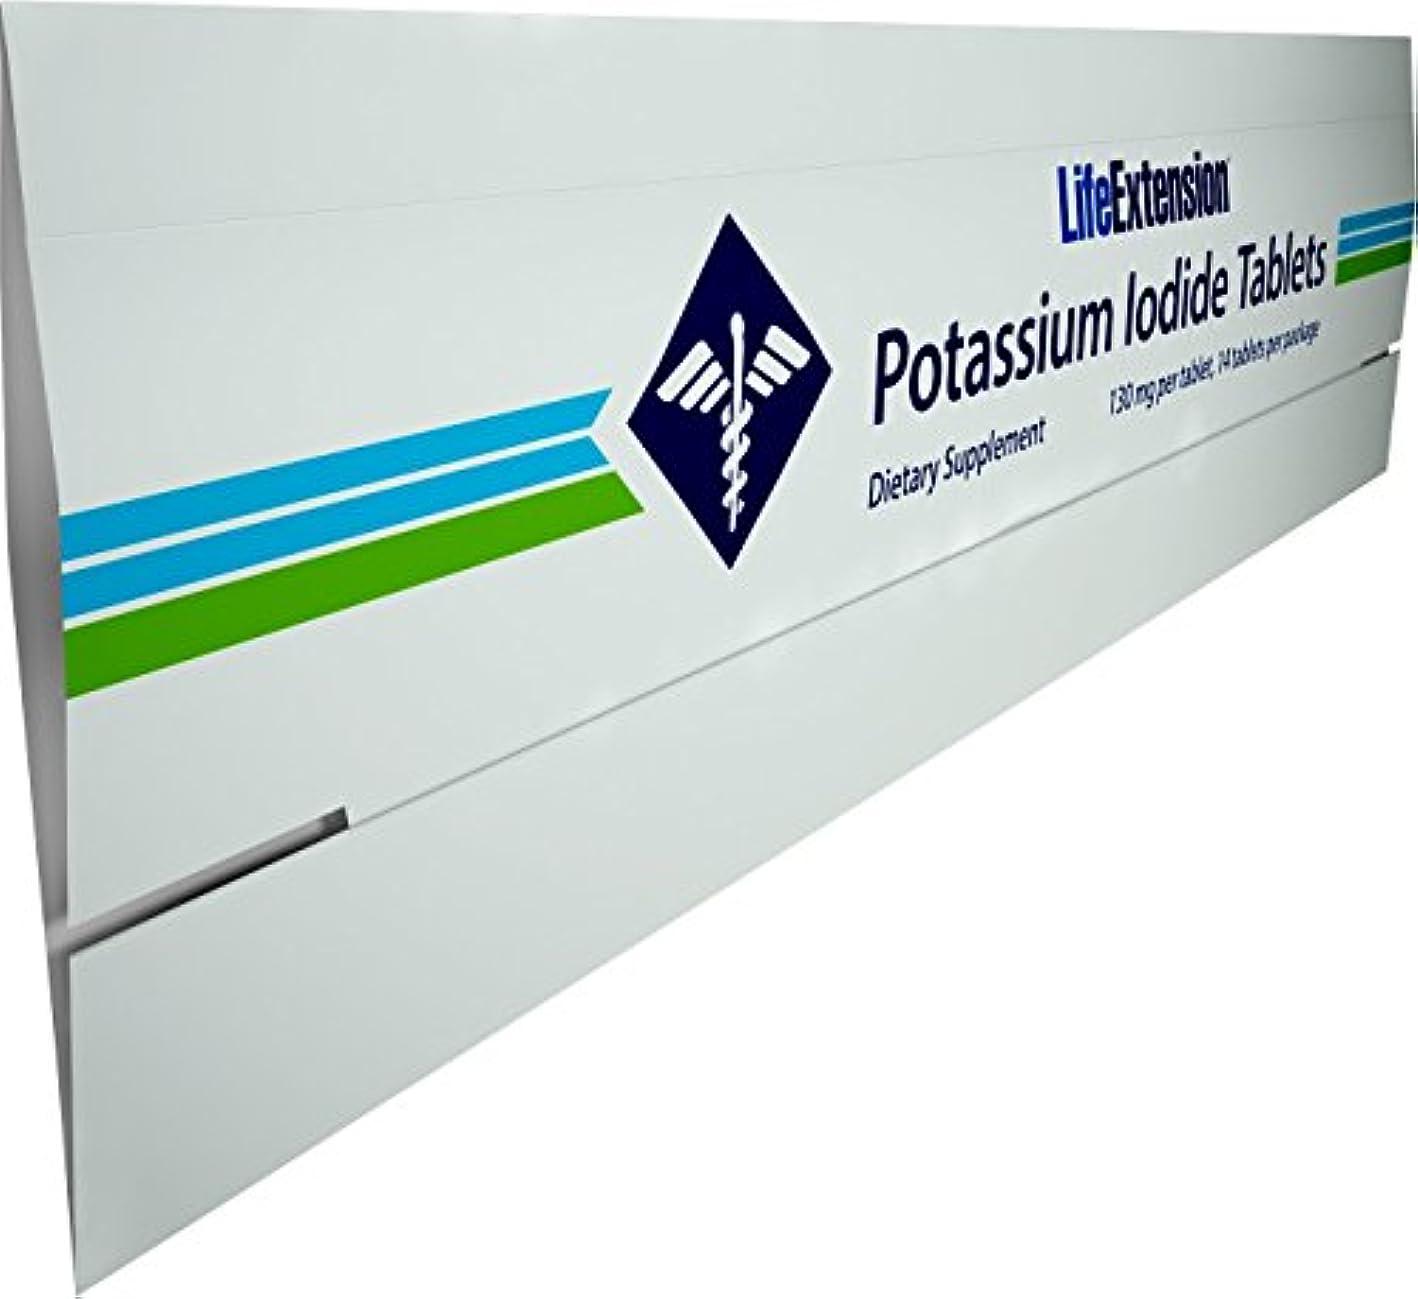 【短期間用:ヨウ化カリウム】 Life Extension - Potassium Iodide Tablets 130 mg - 14錠  ~海外直送品~